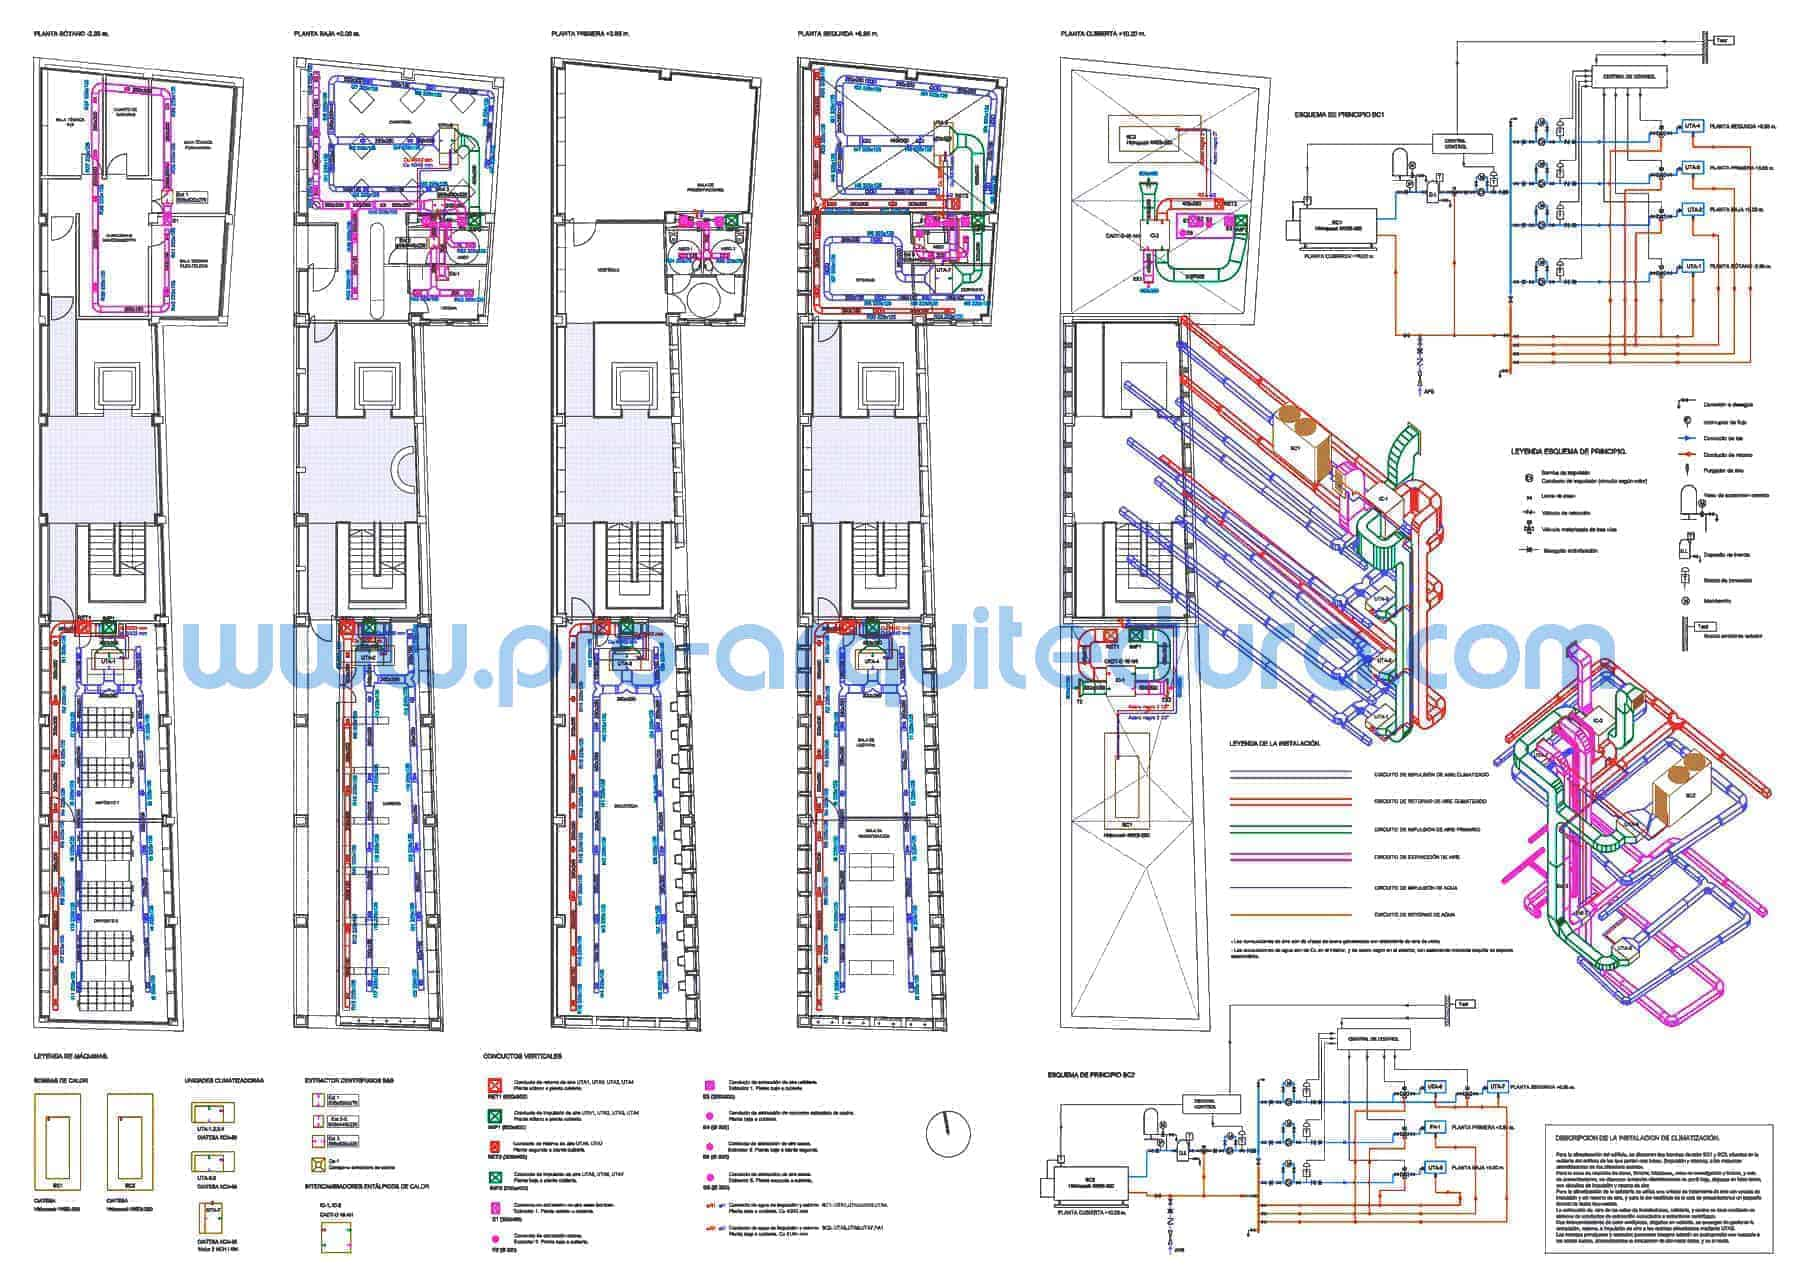 0012-01 Biblioteca pública. Plano de instalación de climatización. Tu ayuda con la entrega del pfc pfg tfg tfm de arquitectura.